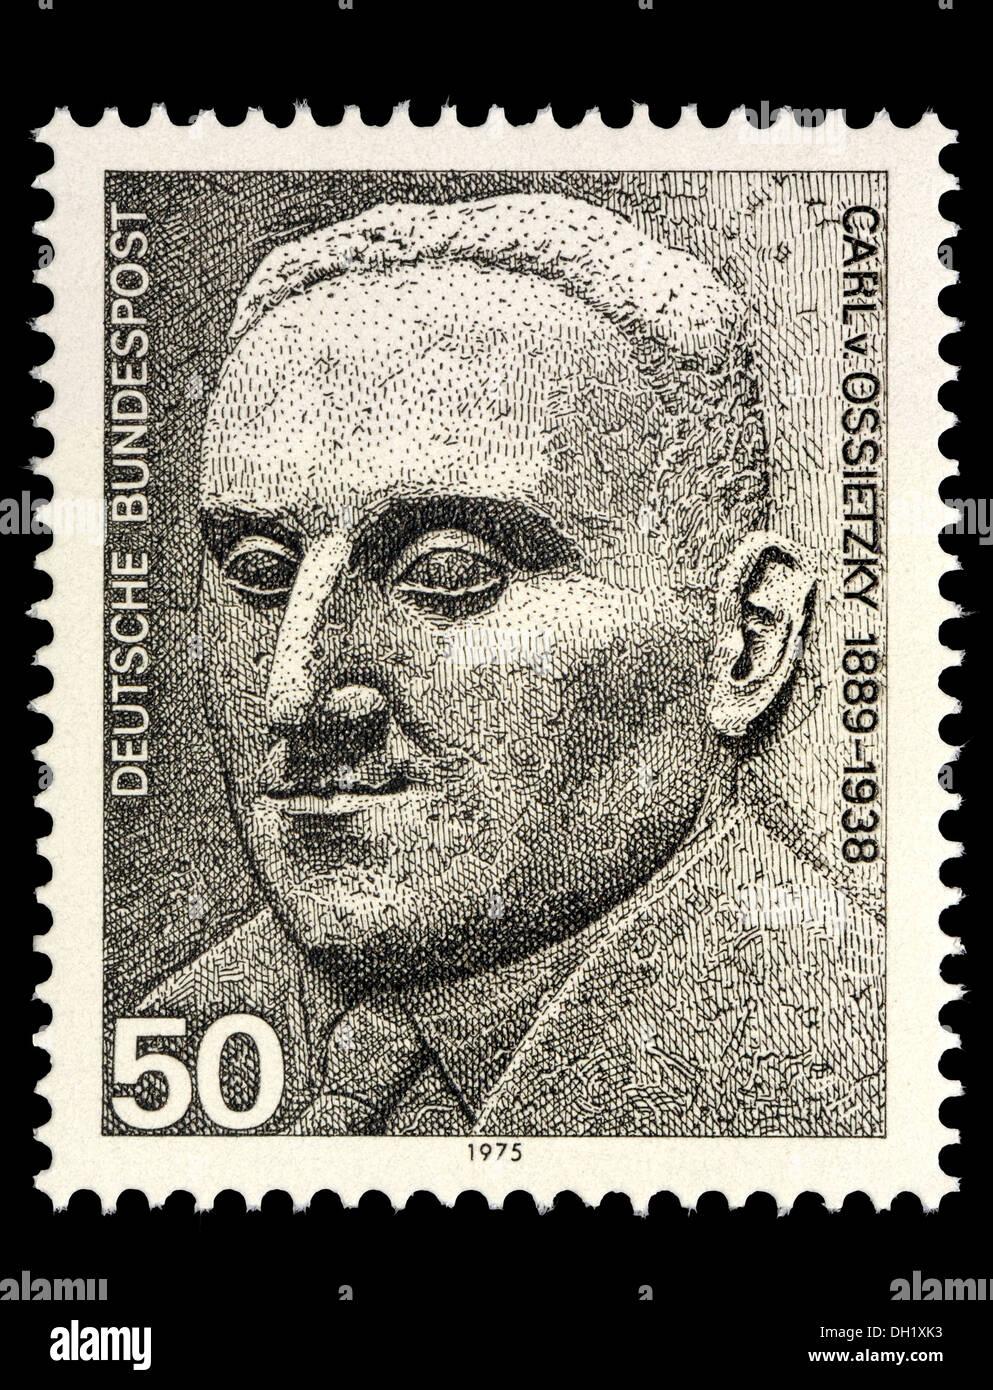 Ritratto di Carl von Ossietzky (1889-1938: pacifista tedesco e il destinatario del 1935 Premio Nobel per la Pace) sul francobollo tedesco Immagini Stock